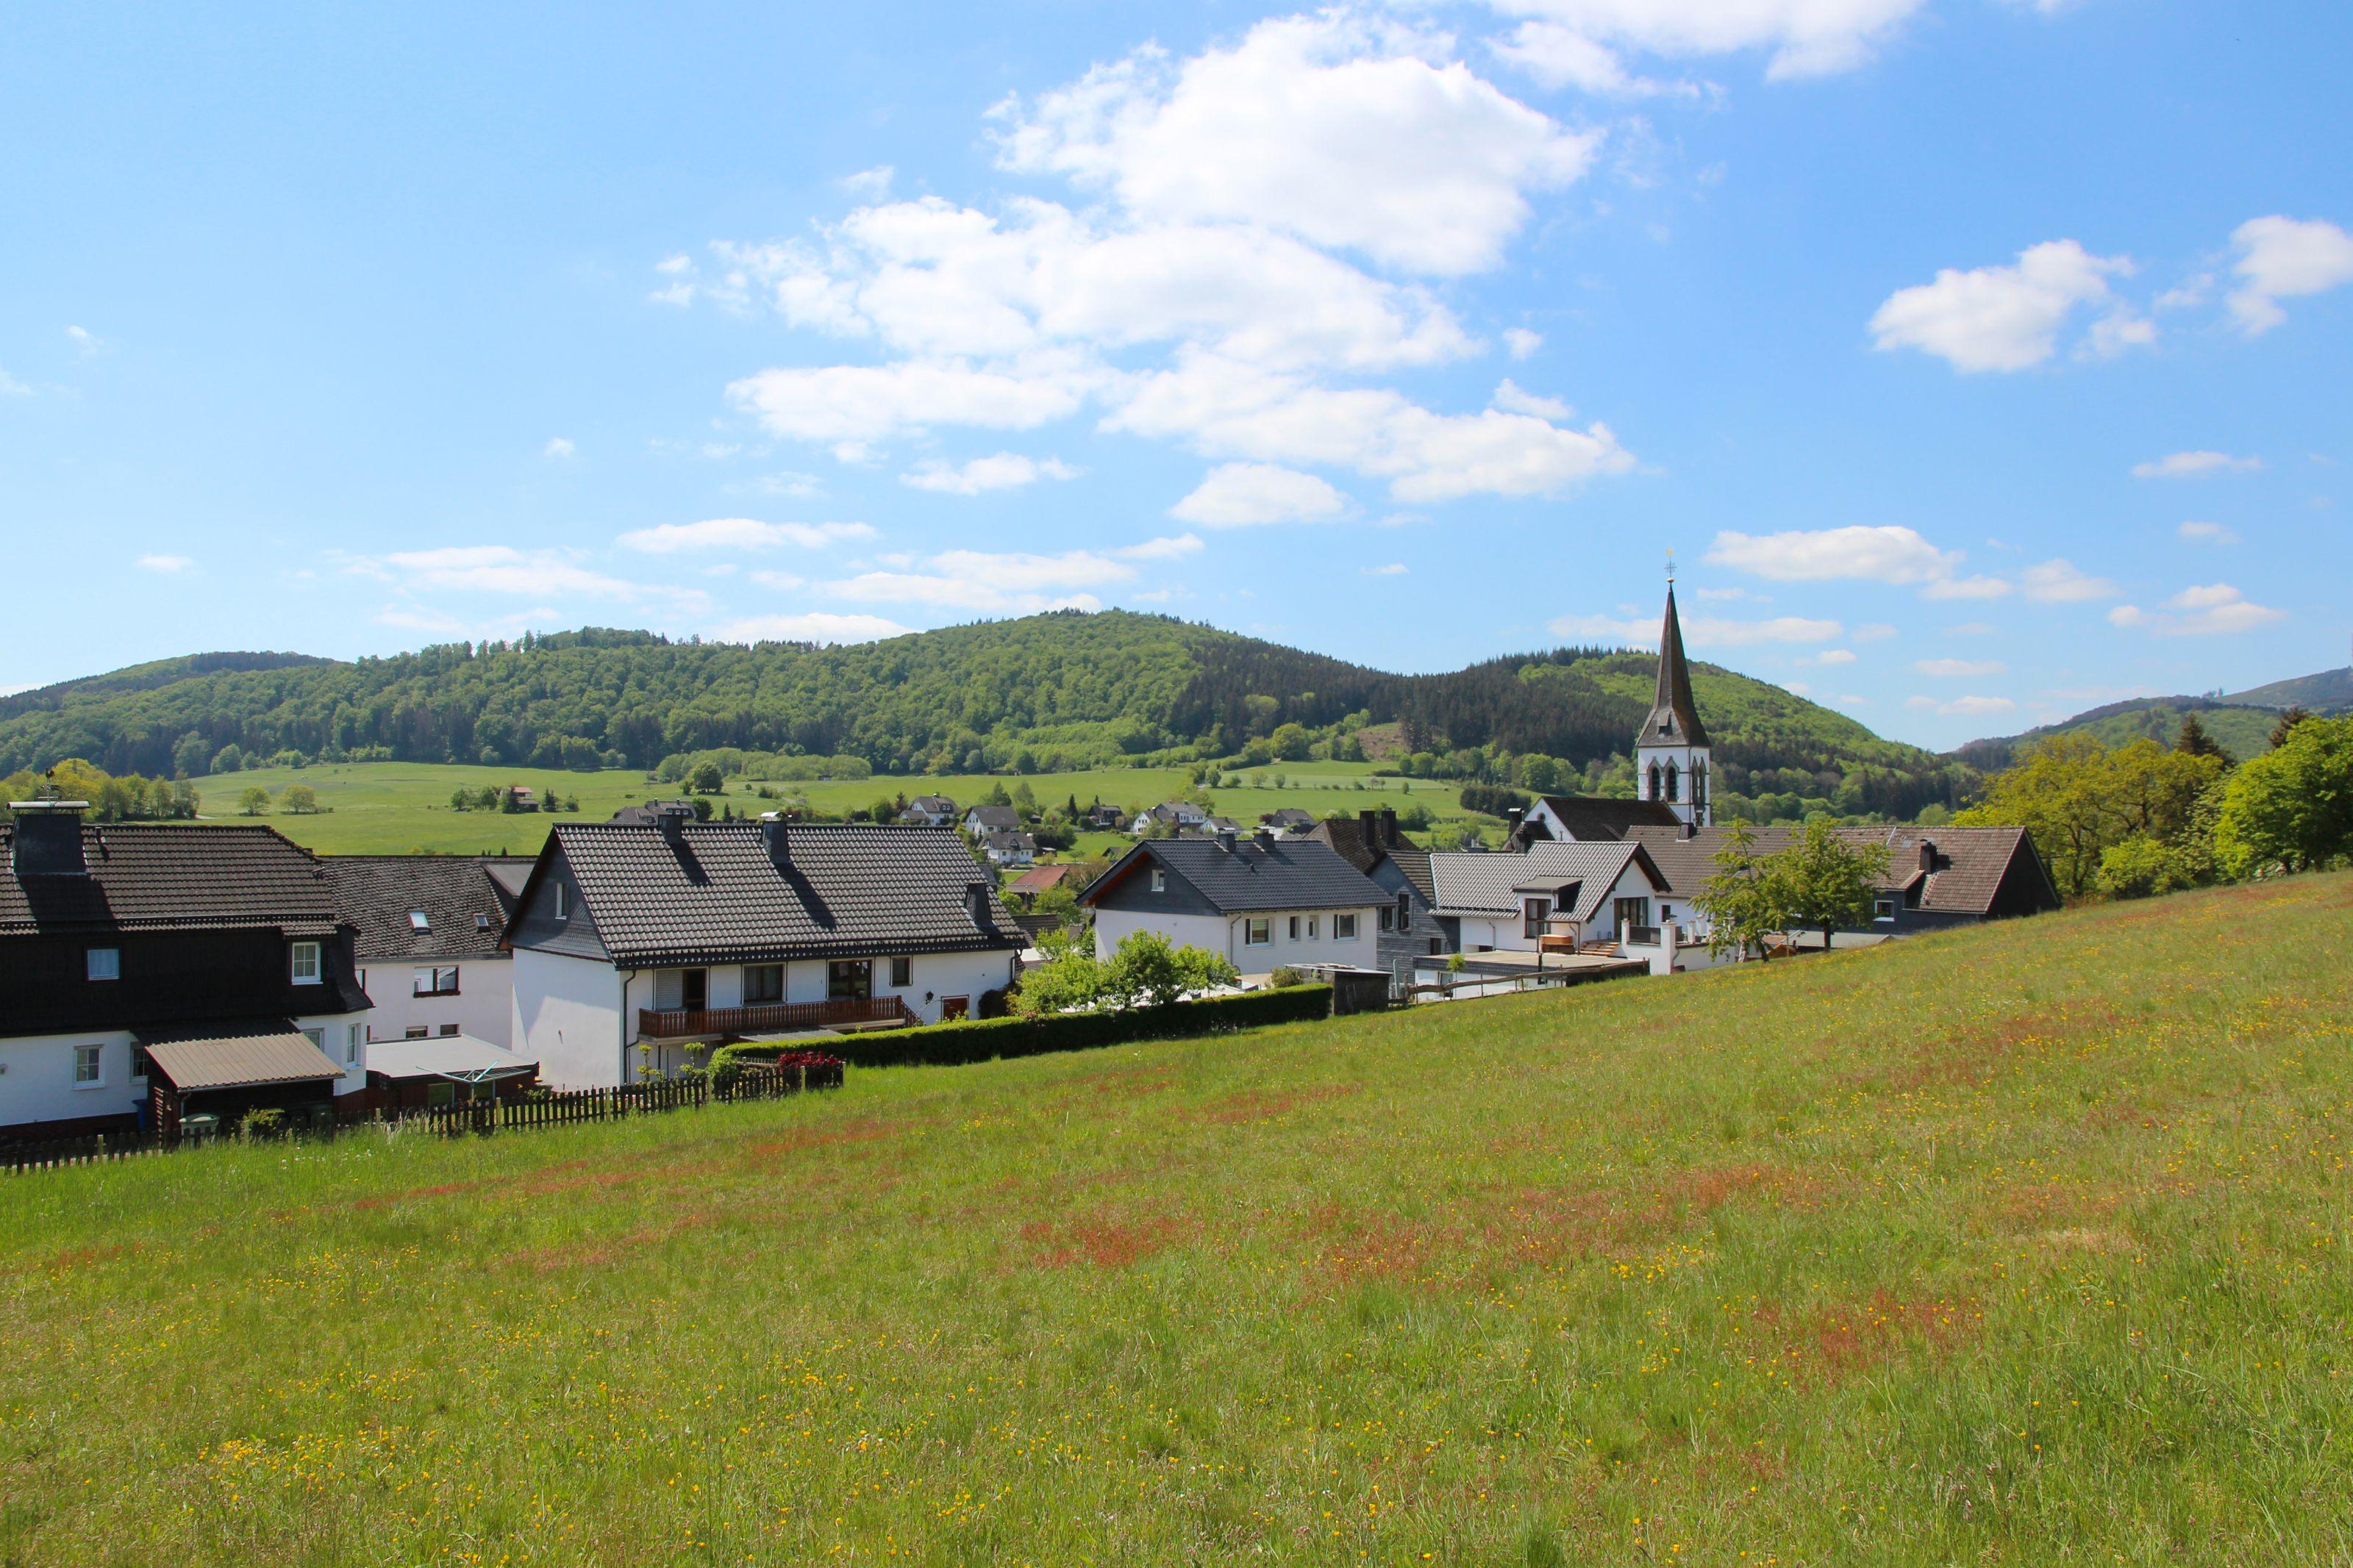 Ferienwohnung Hartmann Medebach (Medebach)Ferienwo Ferienwohnung in Nordrhein Westfalen